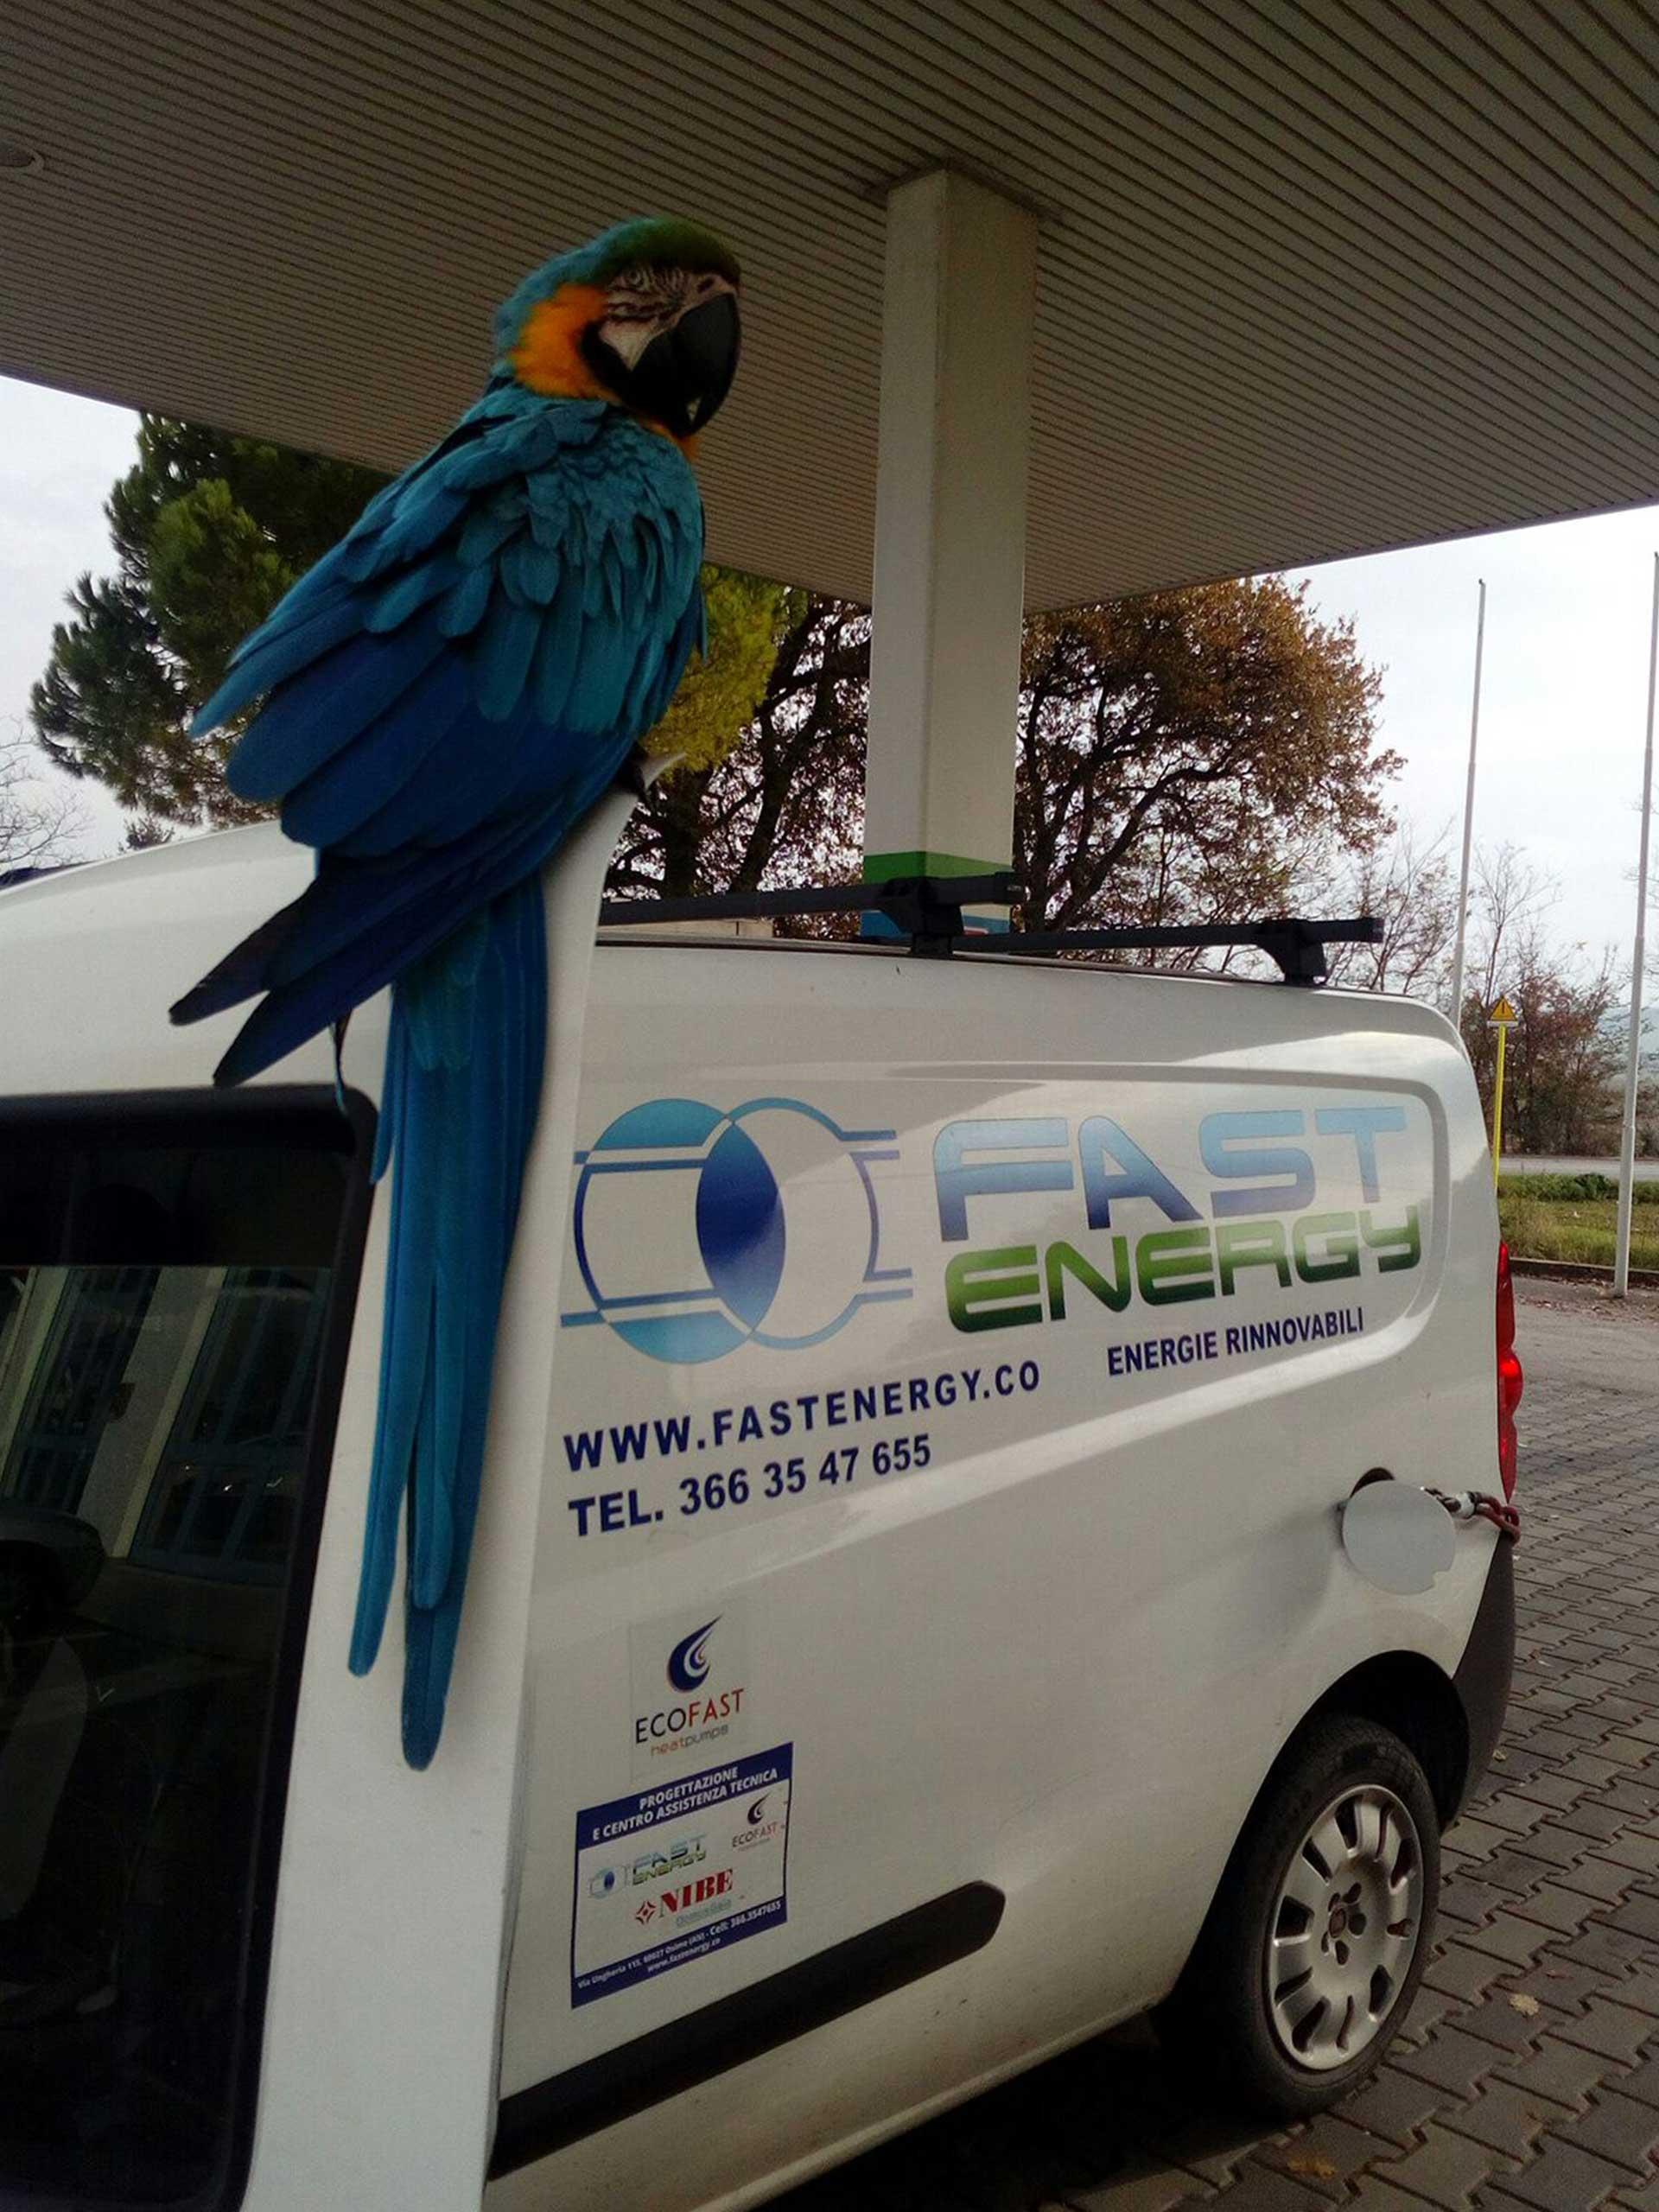 Energie-pulite-Fast-Energy